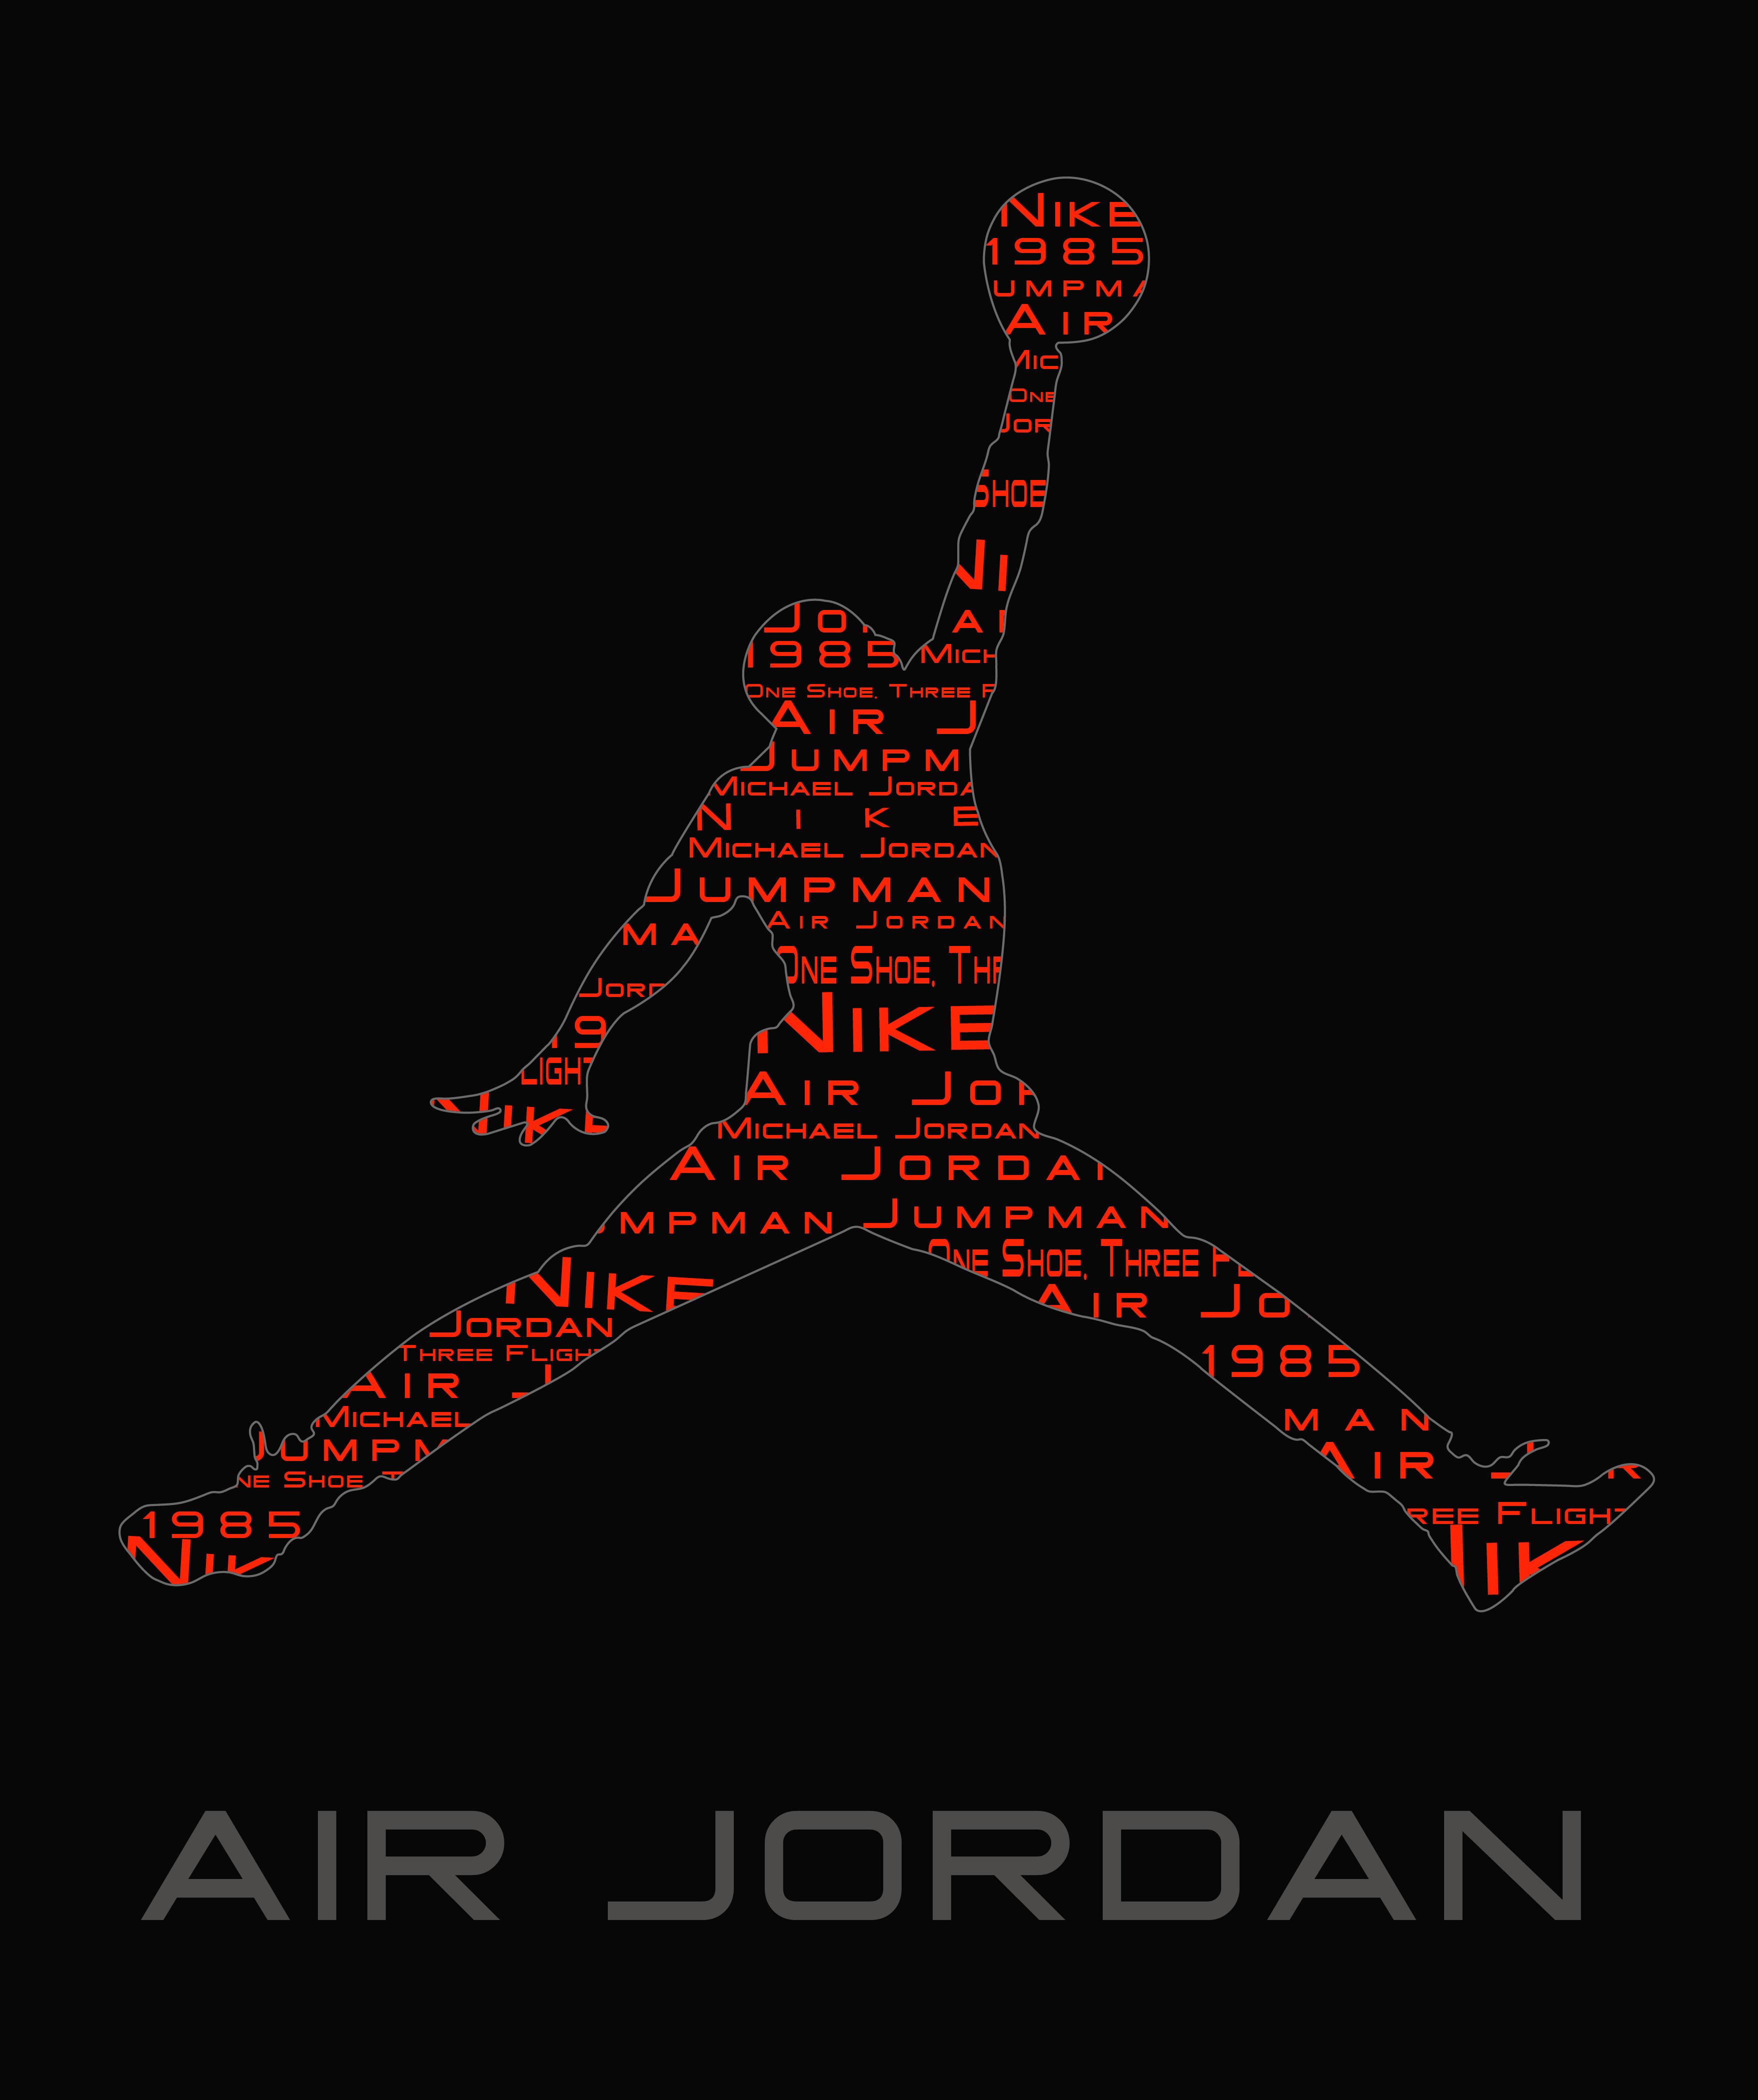 Jumpman Logo Wallpaper Filesize900 X 575 101 Kb Png Jumpman Logo 3517x4200